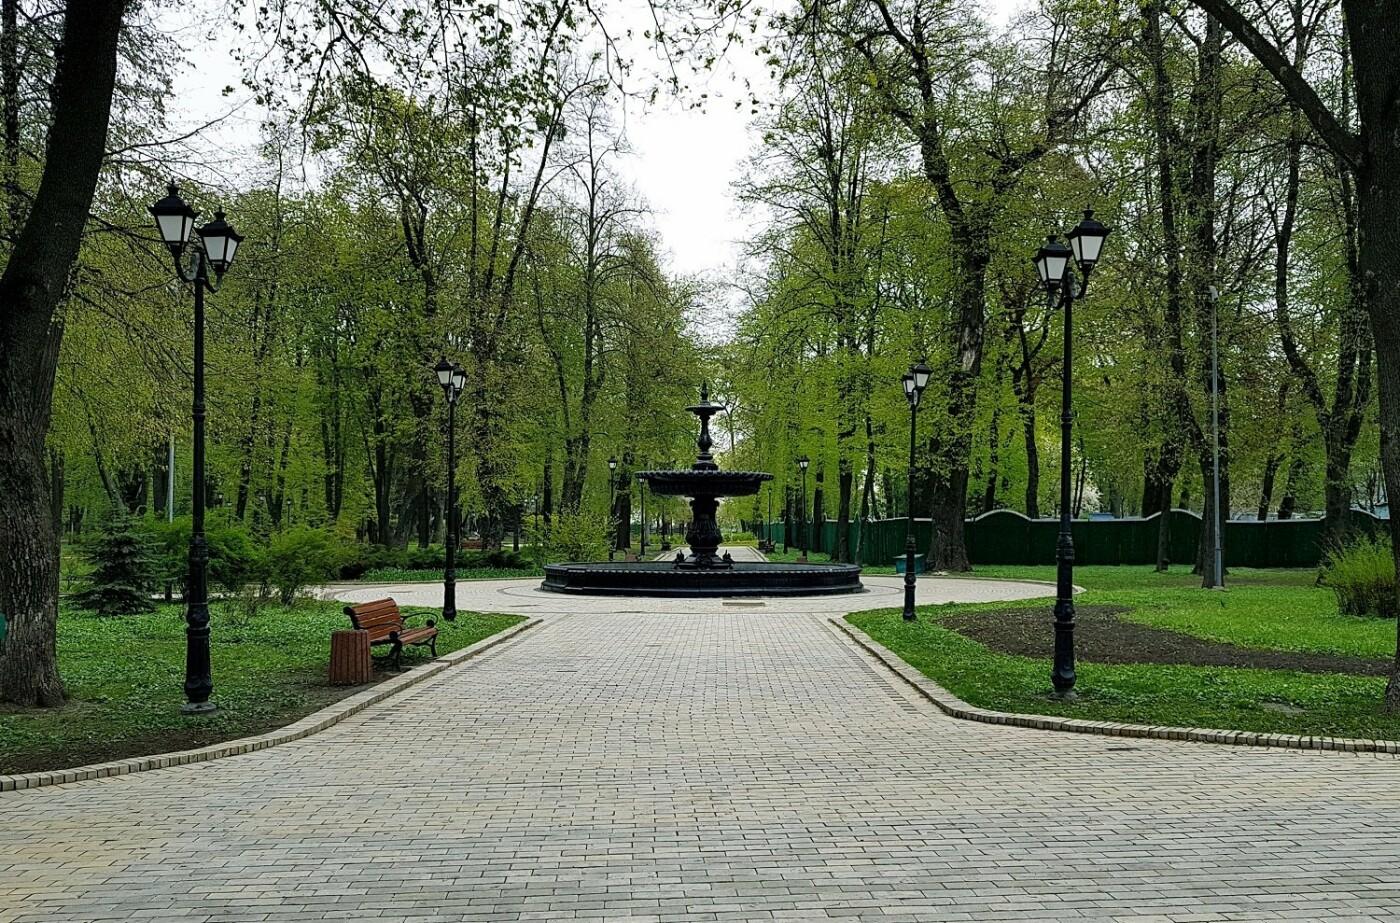 Деревья Городского сада: чем примечателен самый старый парк Киева, - ФОТО, Фото: Анастасия Тимошенко